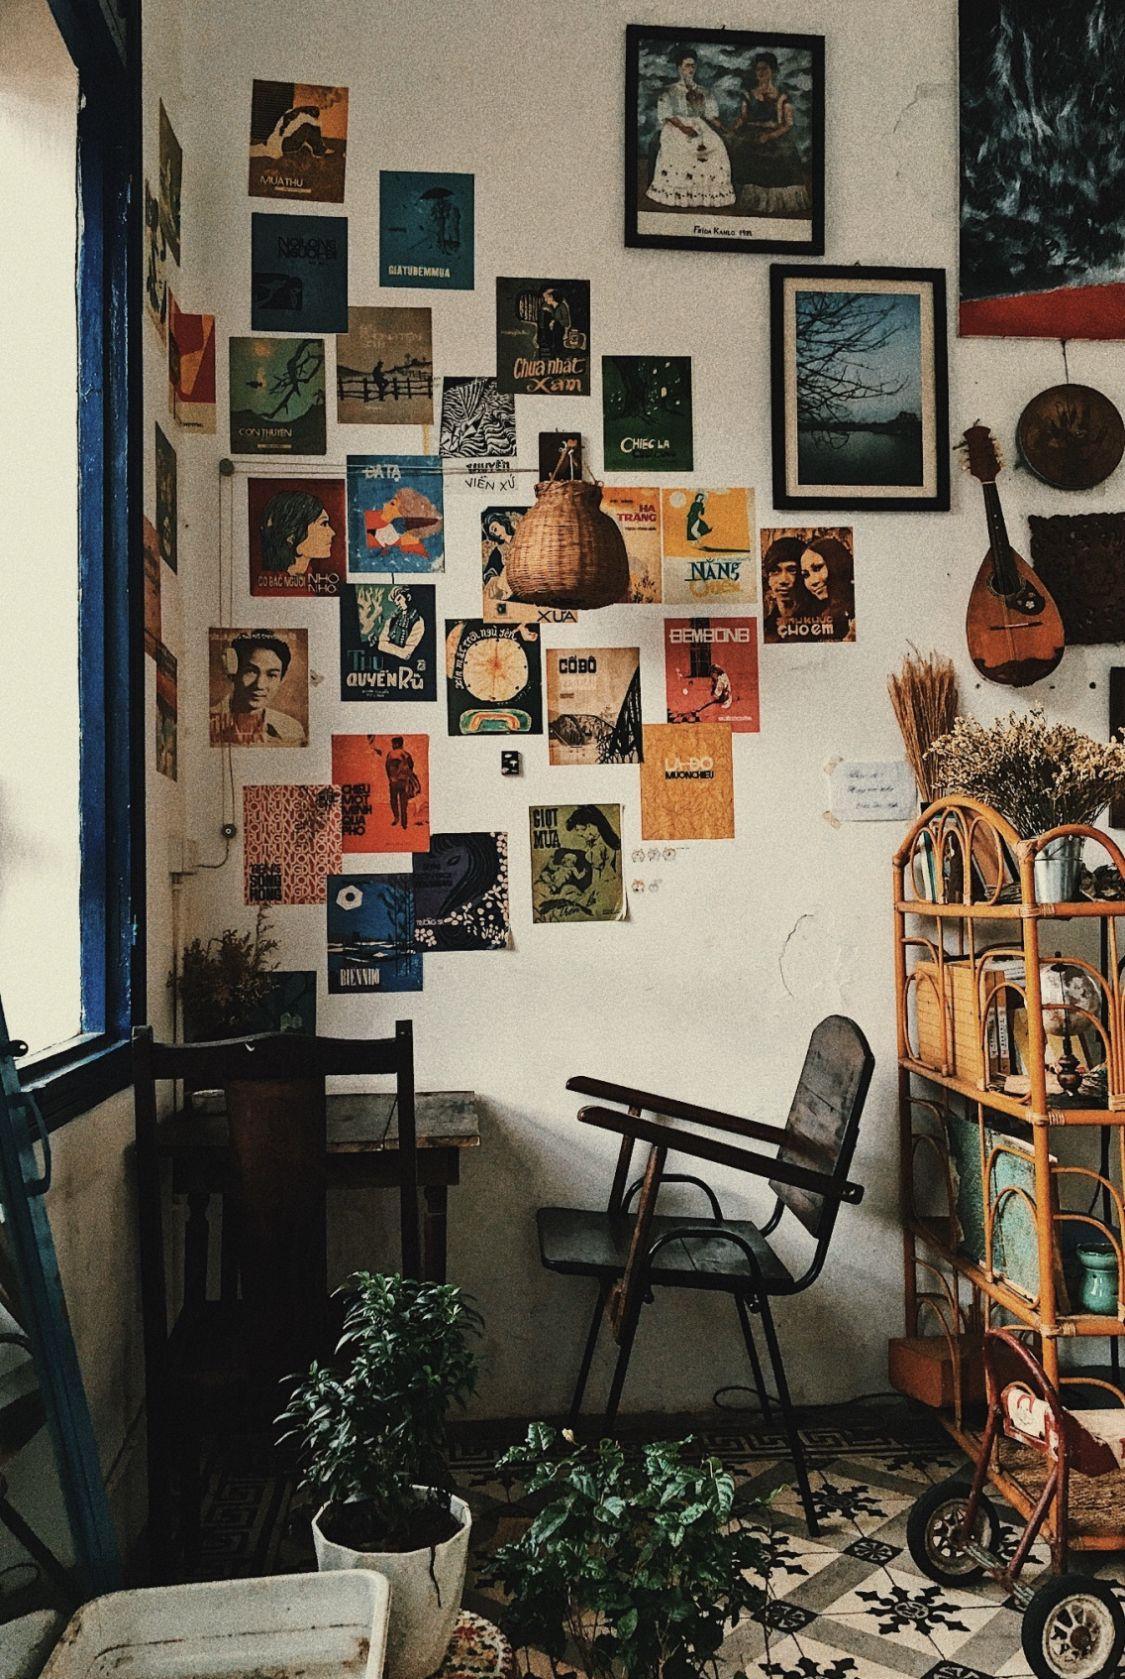 Vintage Room Aesthetic Rooms Vintage Room Aesthetic Room Decor